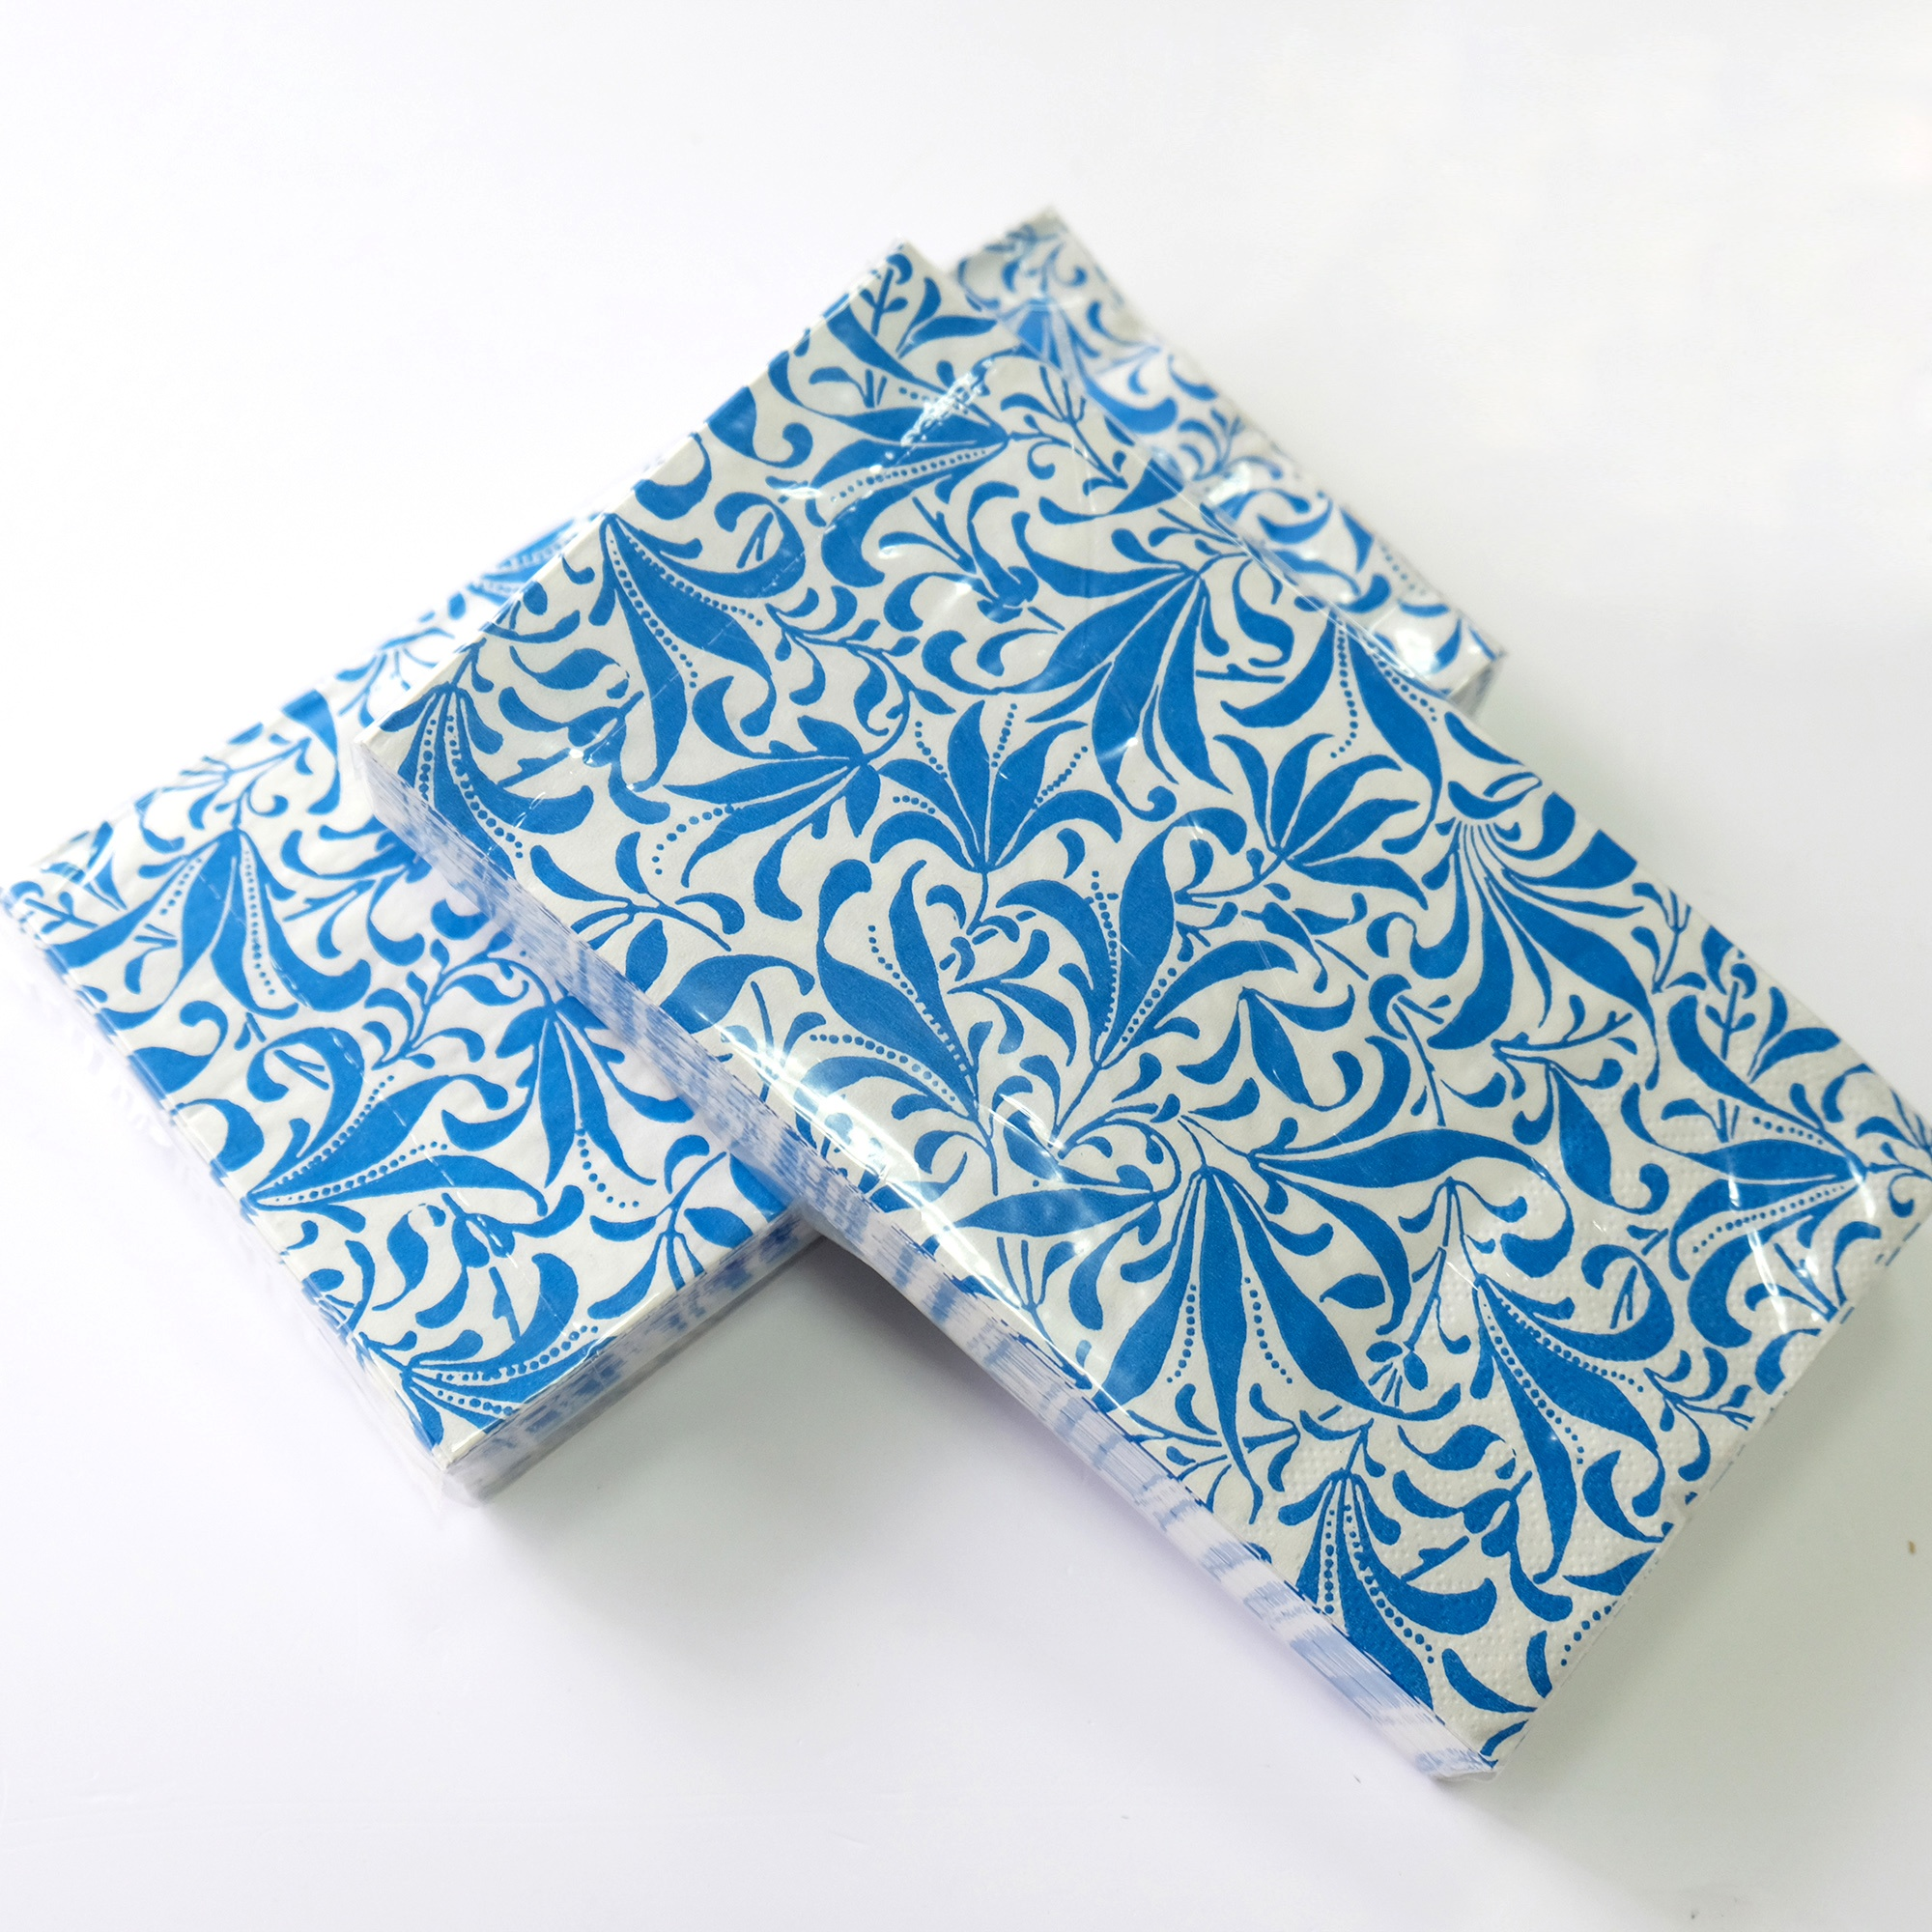 Высококачественные Коктейльные салфетки в клетку, бумажные салфетки и салфетки на заказ